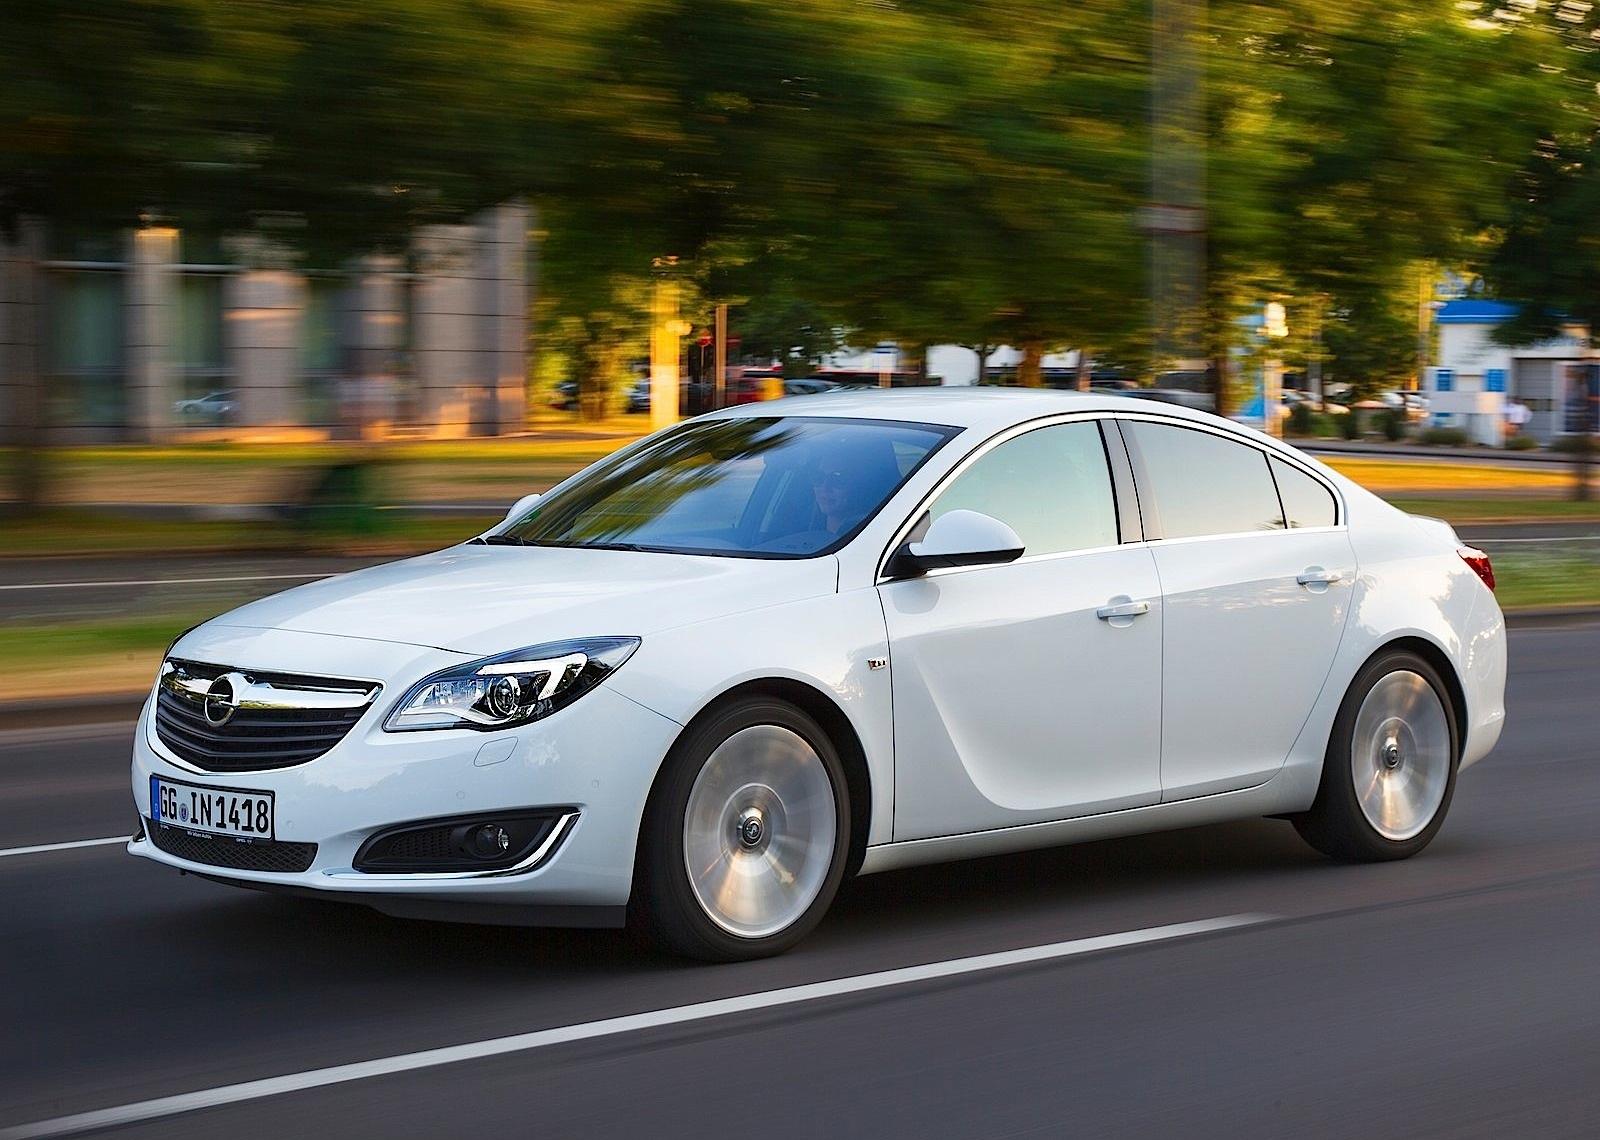 Car Wallpaper Smartphone Opel Insignia Sedan Specs 2013 2014 2015 2016 2017